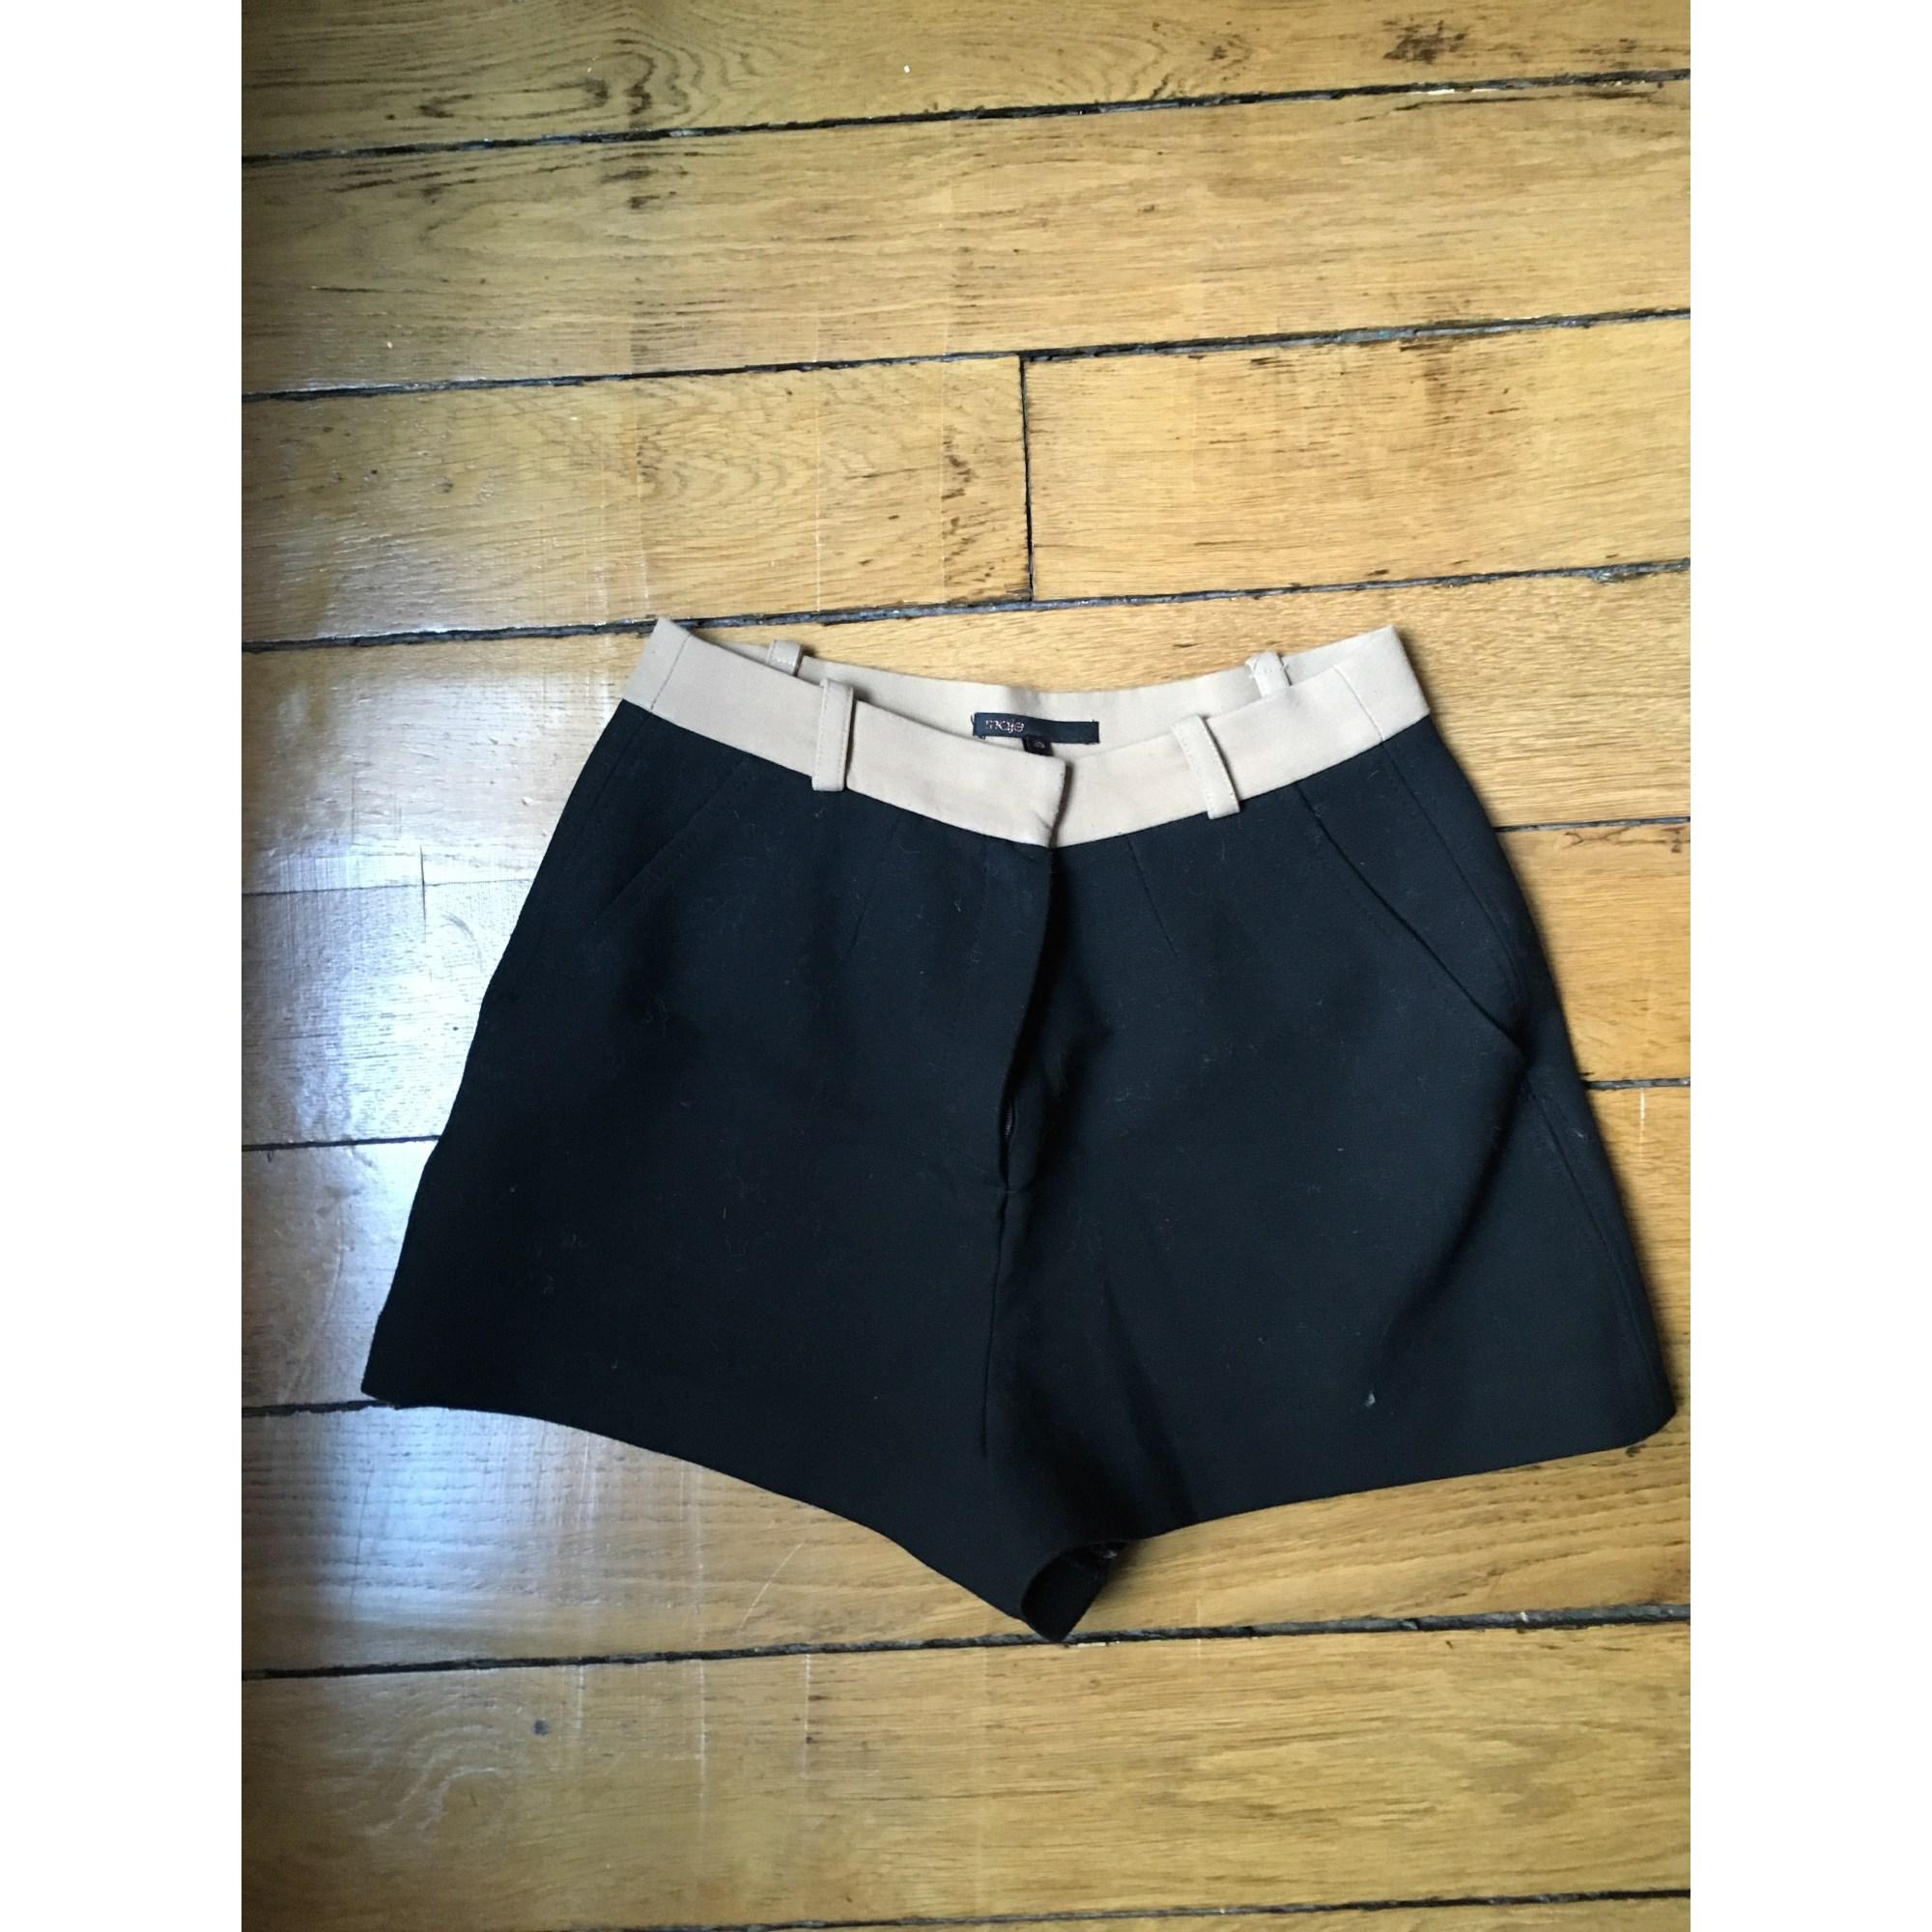 Maje Short polyester autre 38 (M, T2)